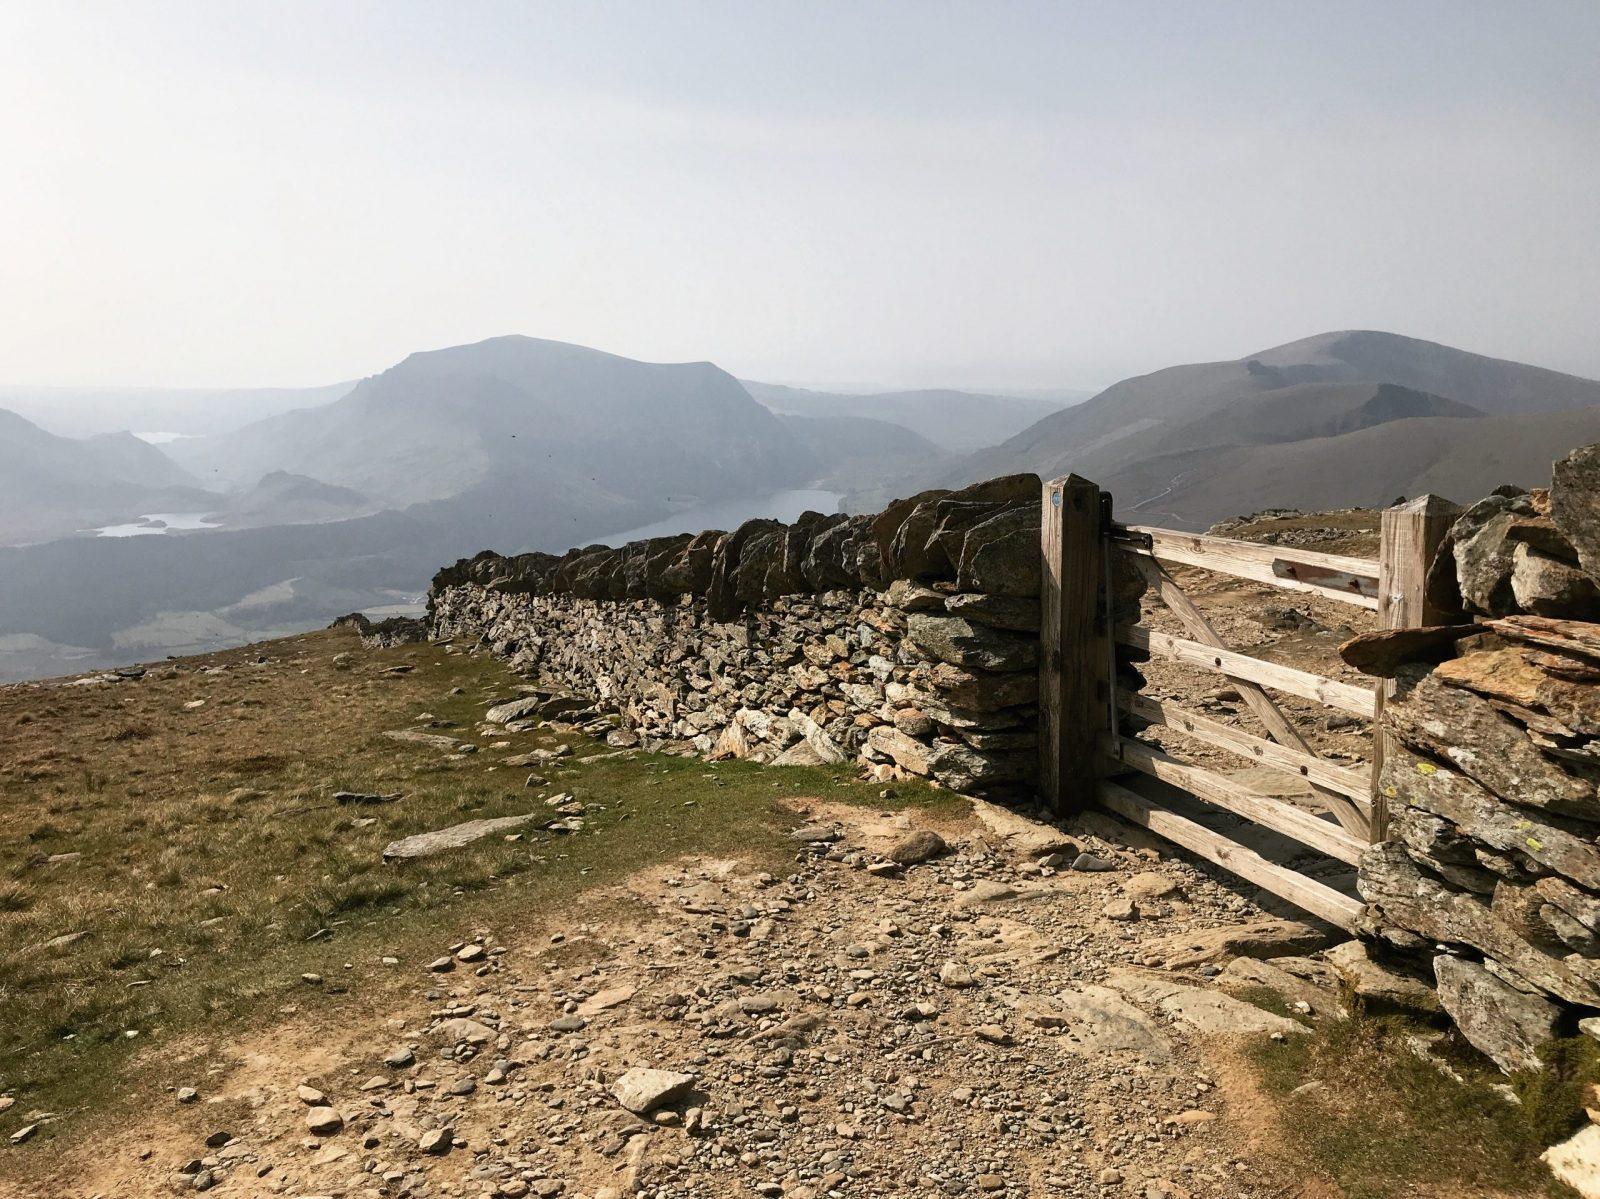 Hiking Snowdonia Snowdon walking routes